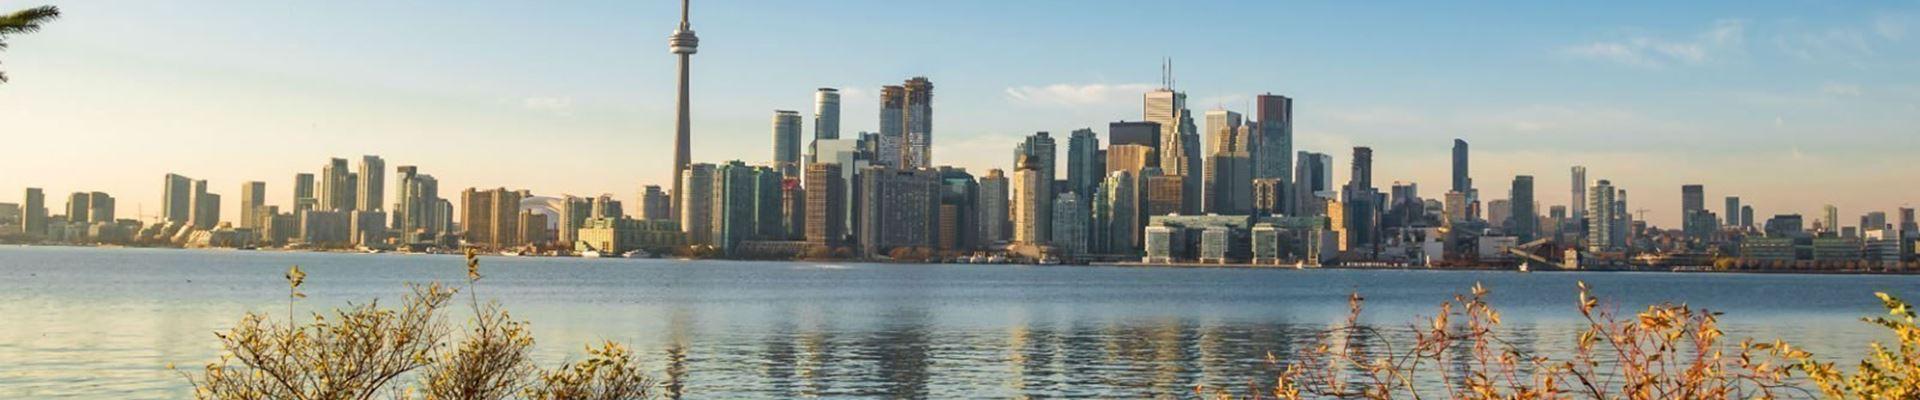 Family Break In Toronto 2020 2021 Canada